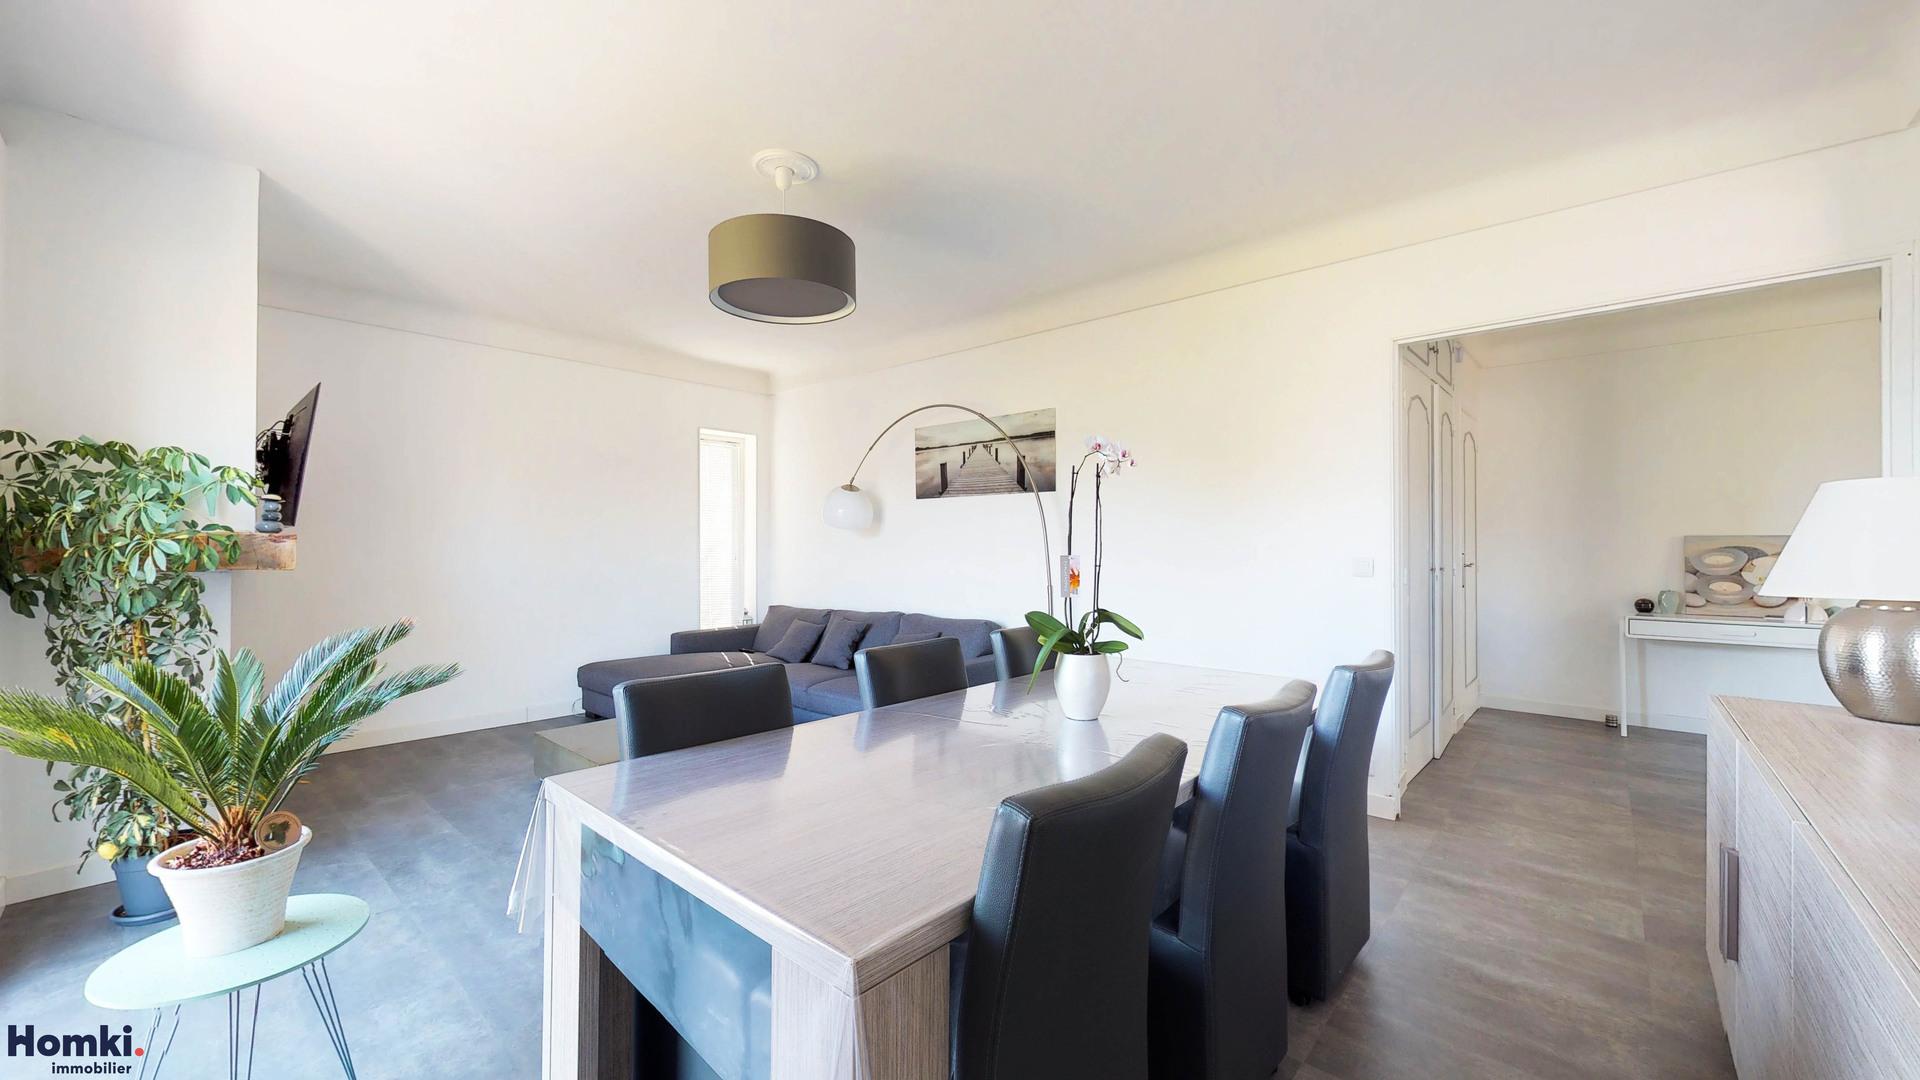 Vente Appartement 104 m² T4 13400 Aubagne_3